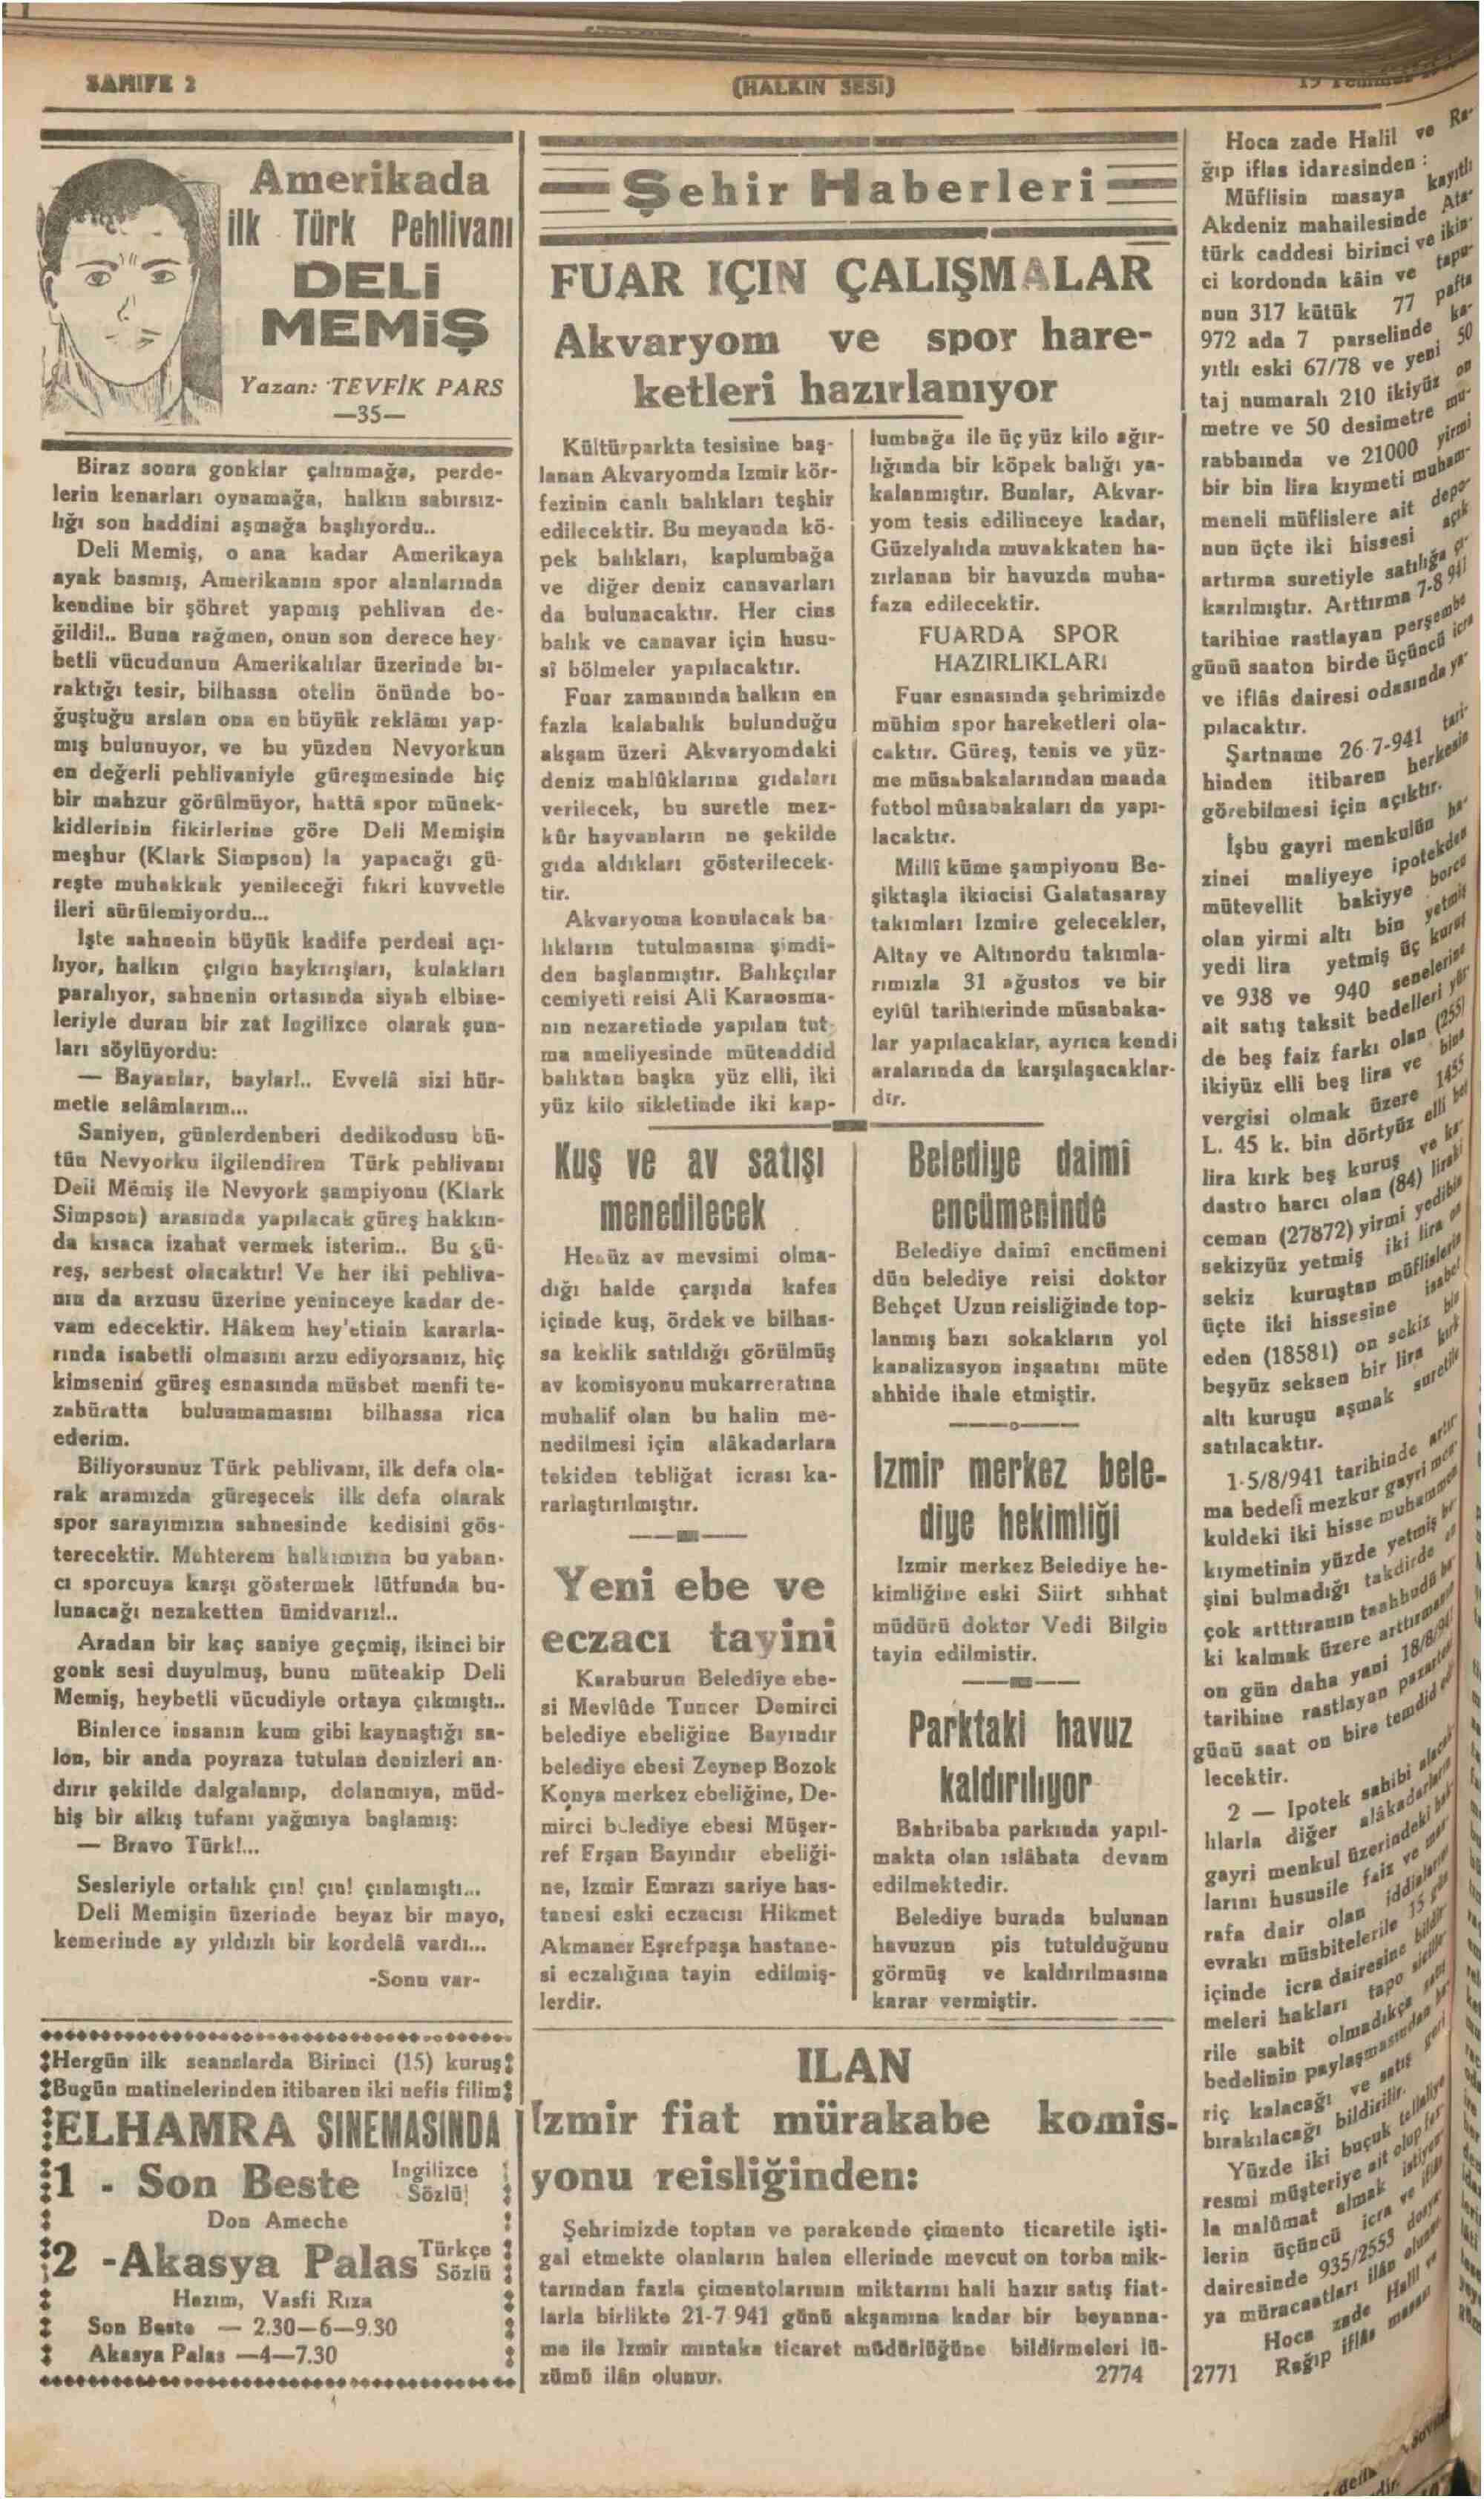 19 Temmuz 1941 Tarihli Halkın Sesi Gazetesi Sayfa 2